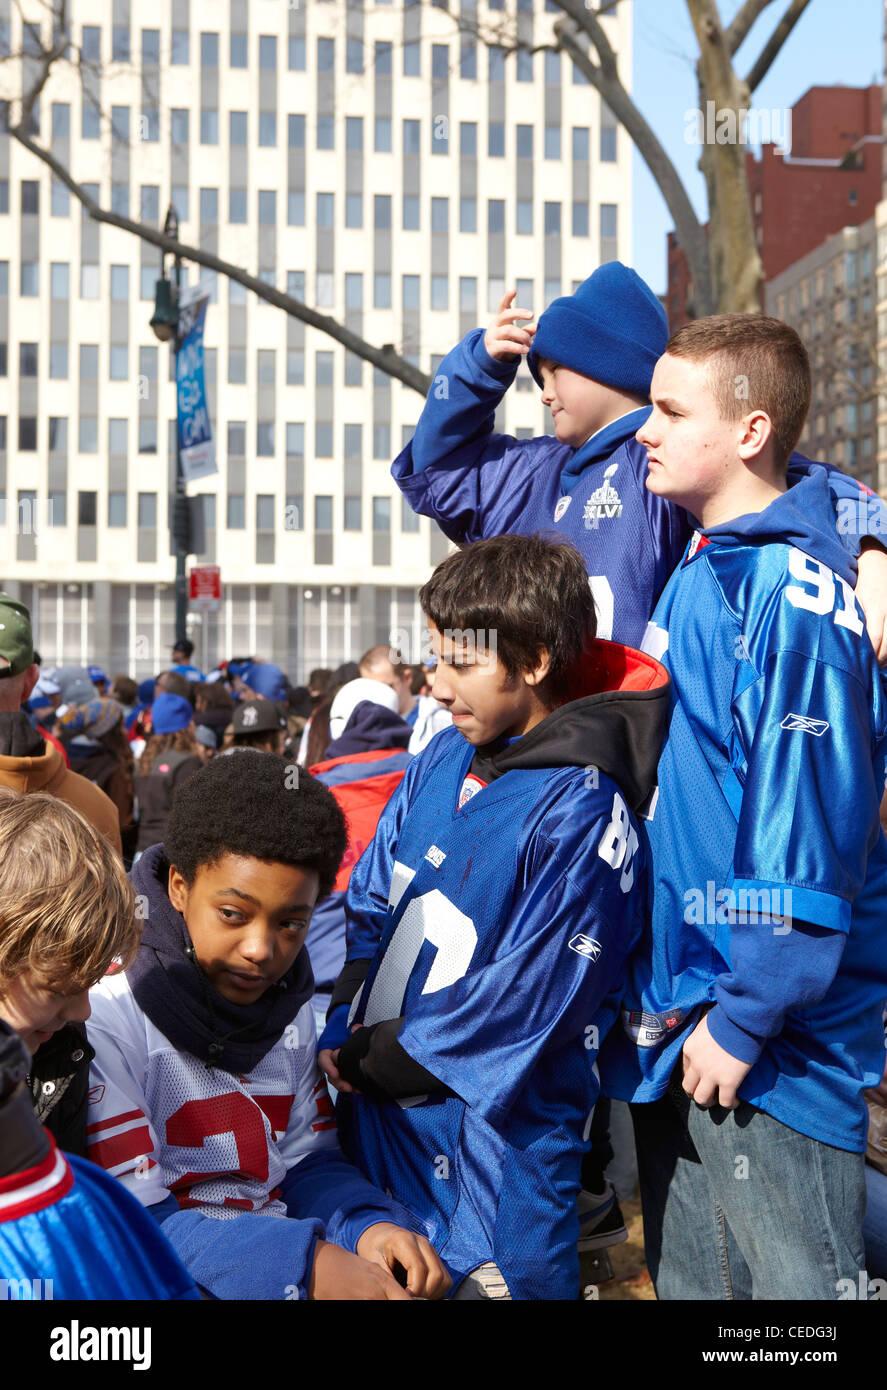 New York Giant fans, ticker tape, NY, USA - Stock Image